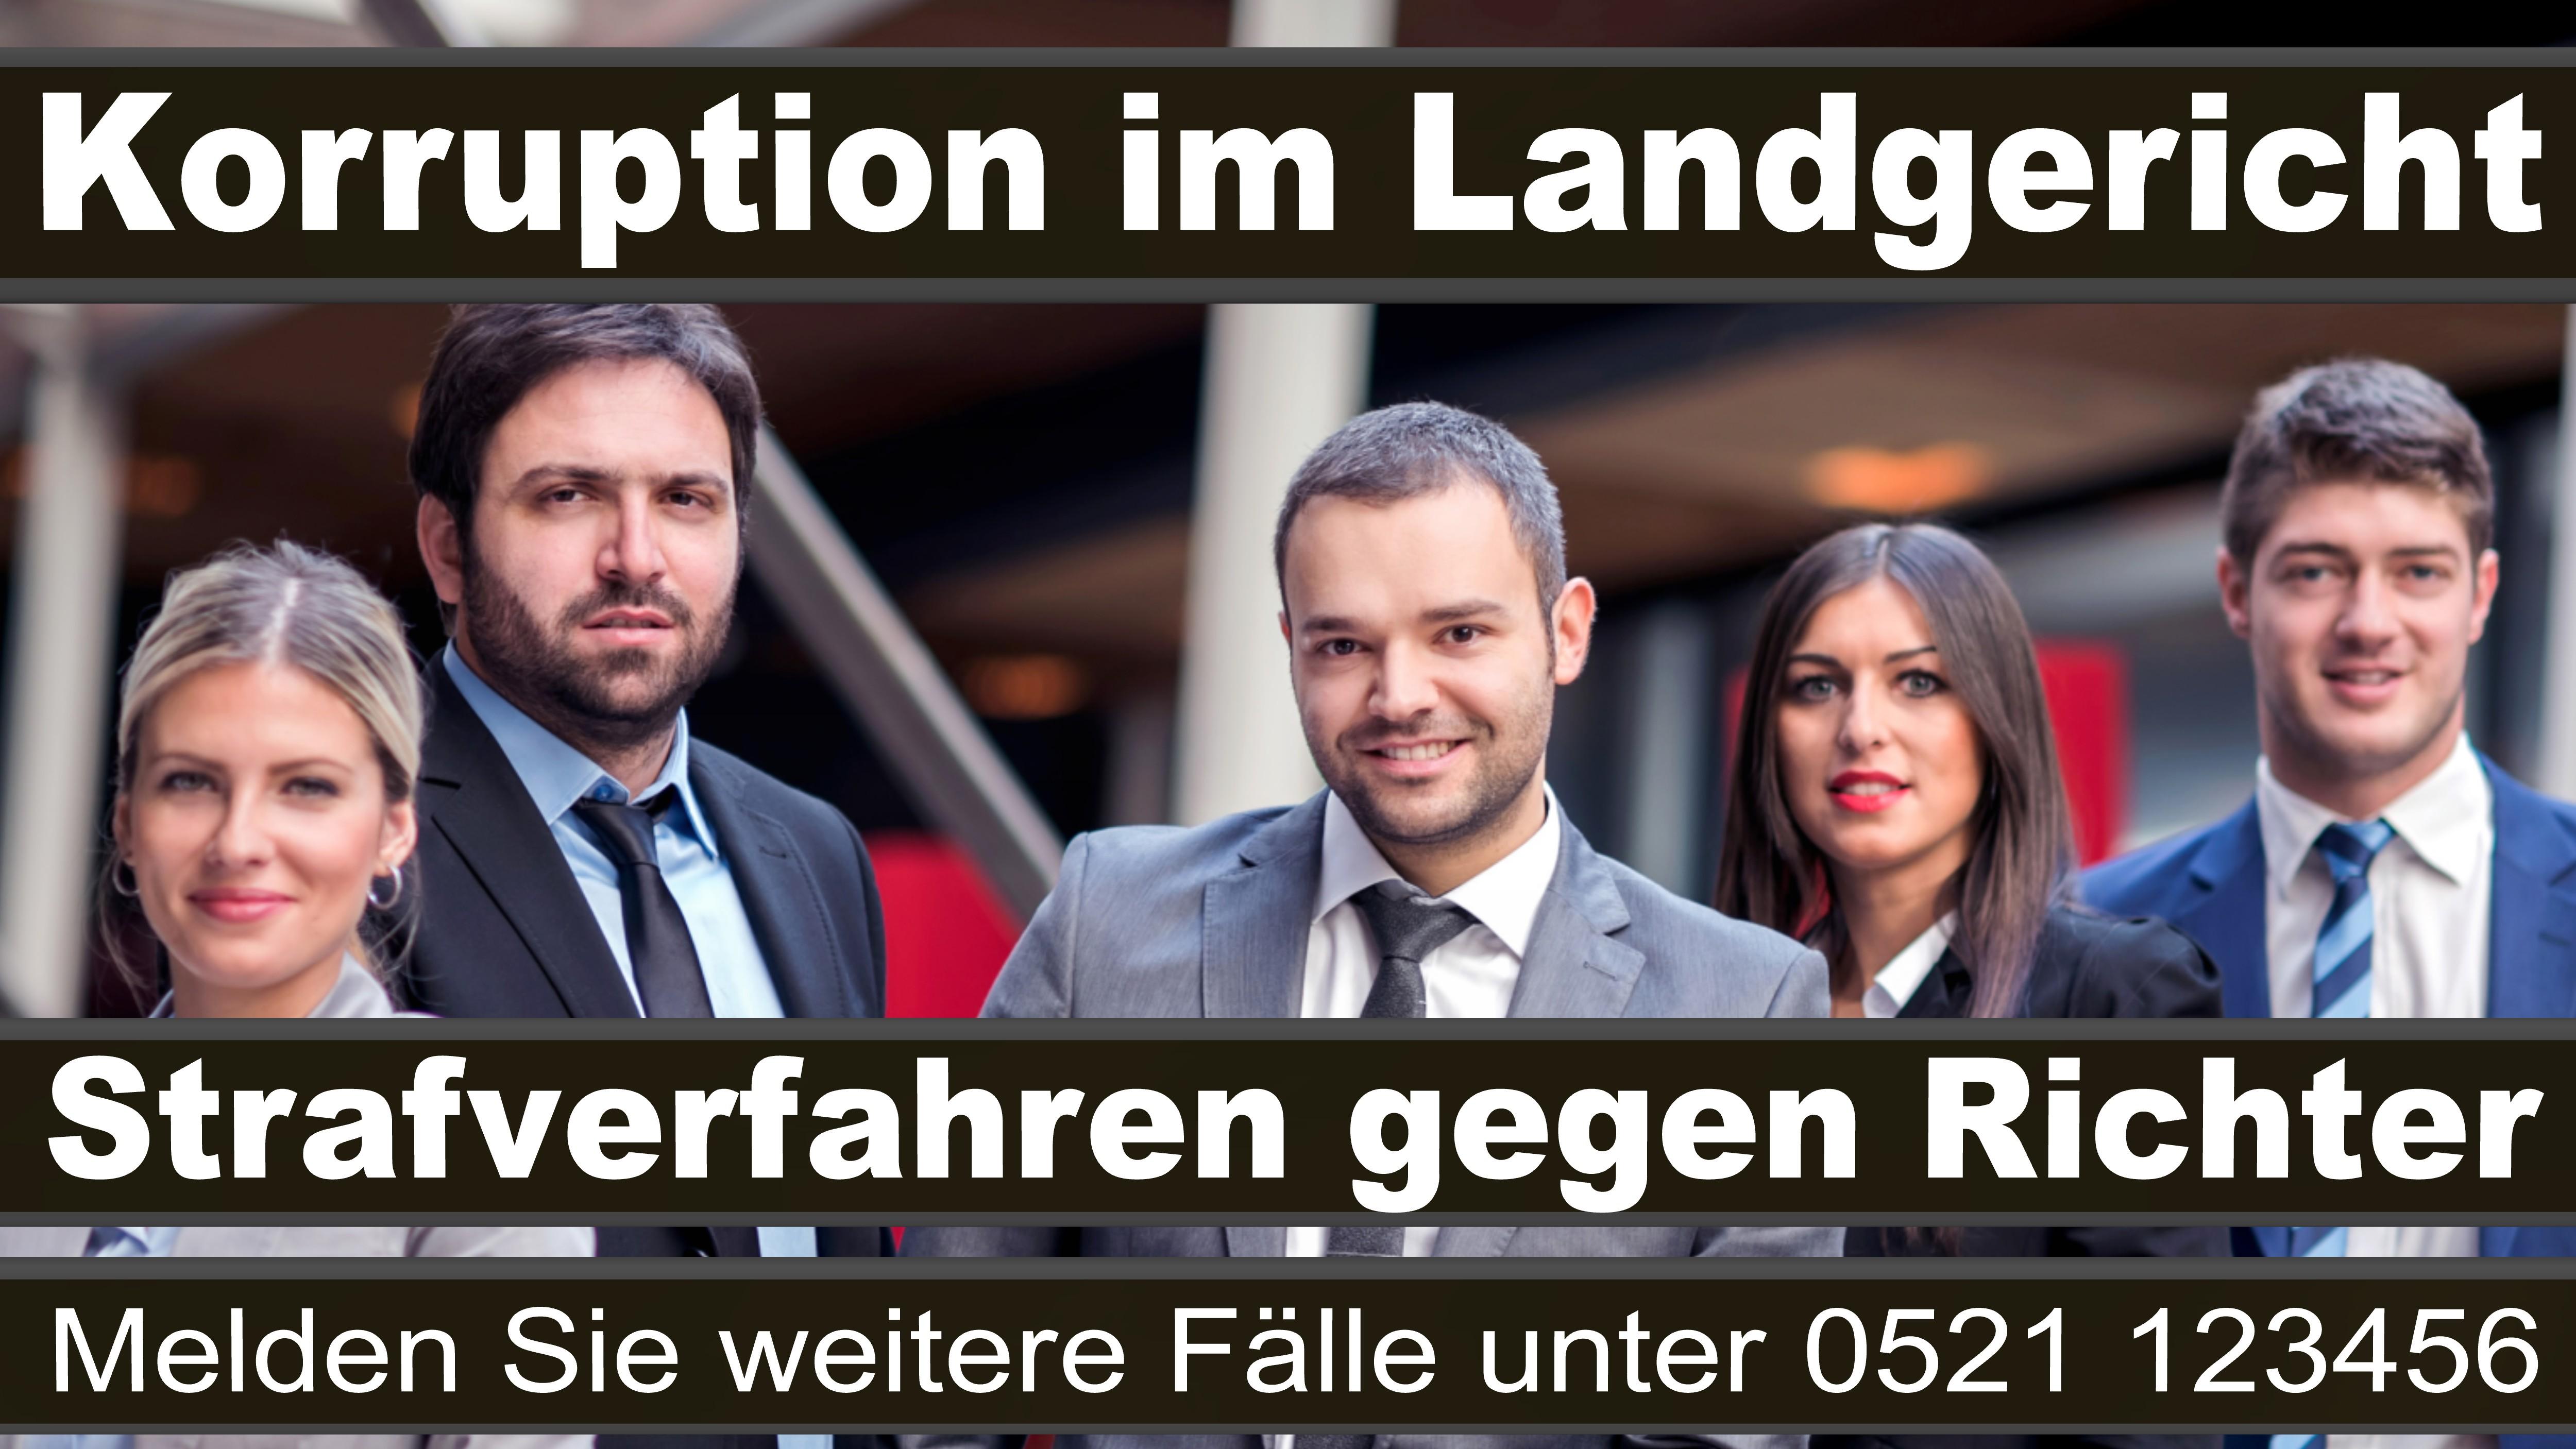 Generalstaatsanwaltschaft Hamburg